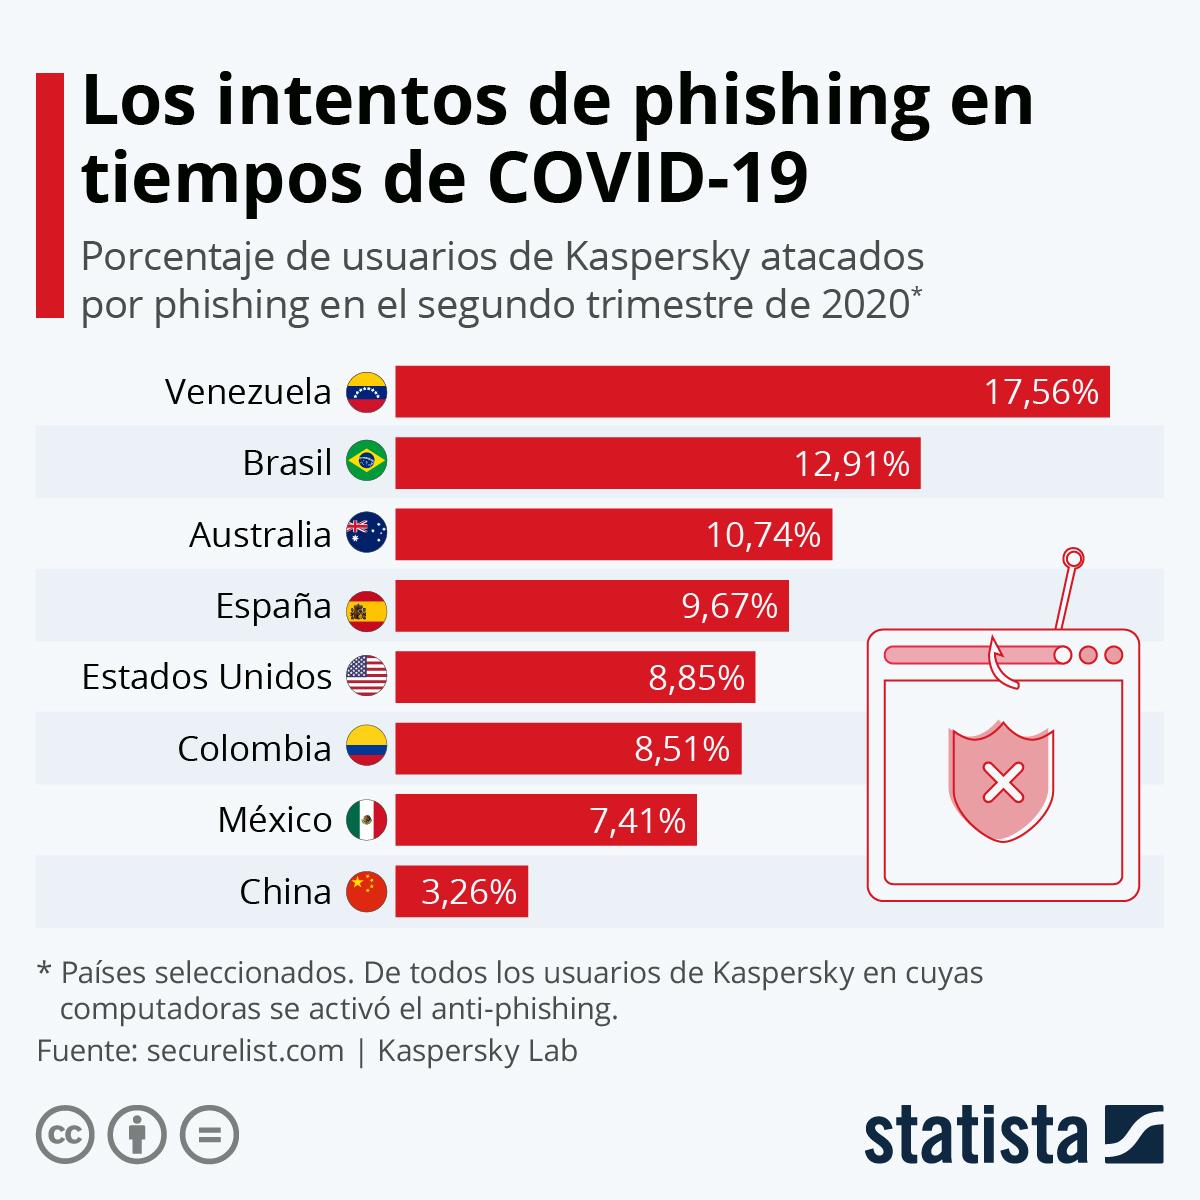 Infografía: Los intentos de phishing en tiempos de COVID-19 | Statista